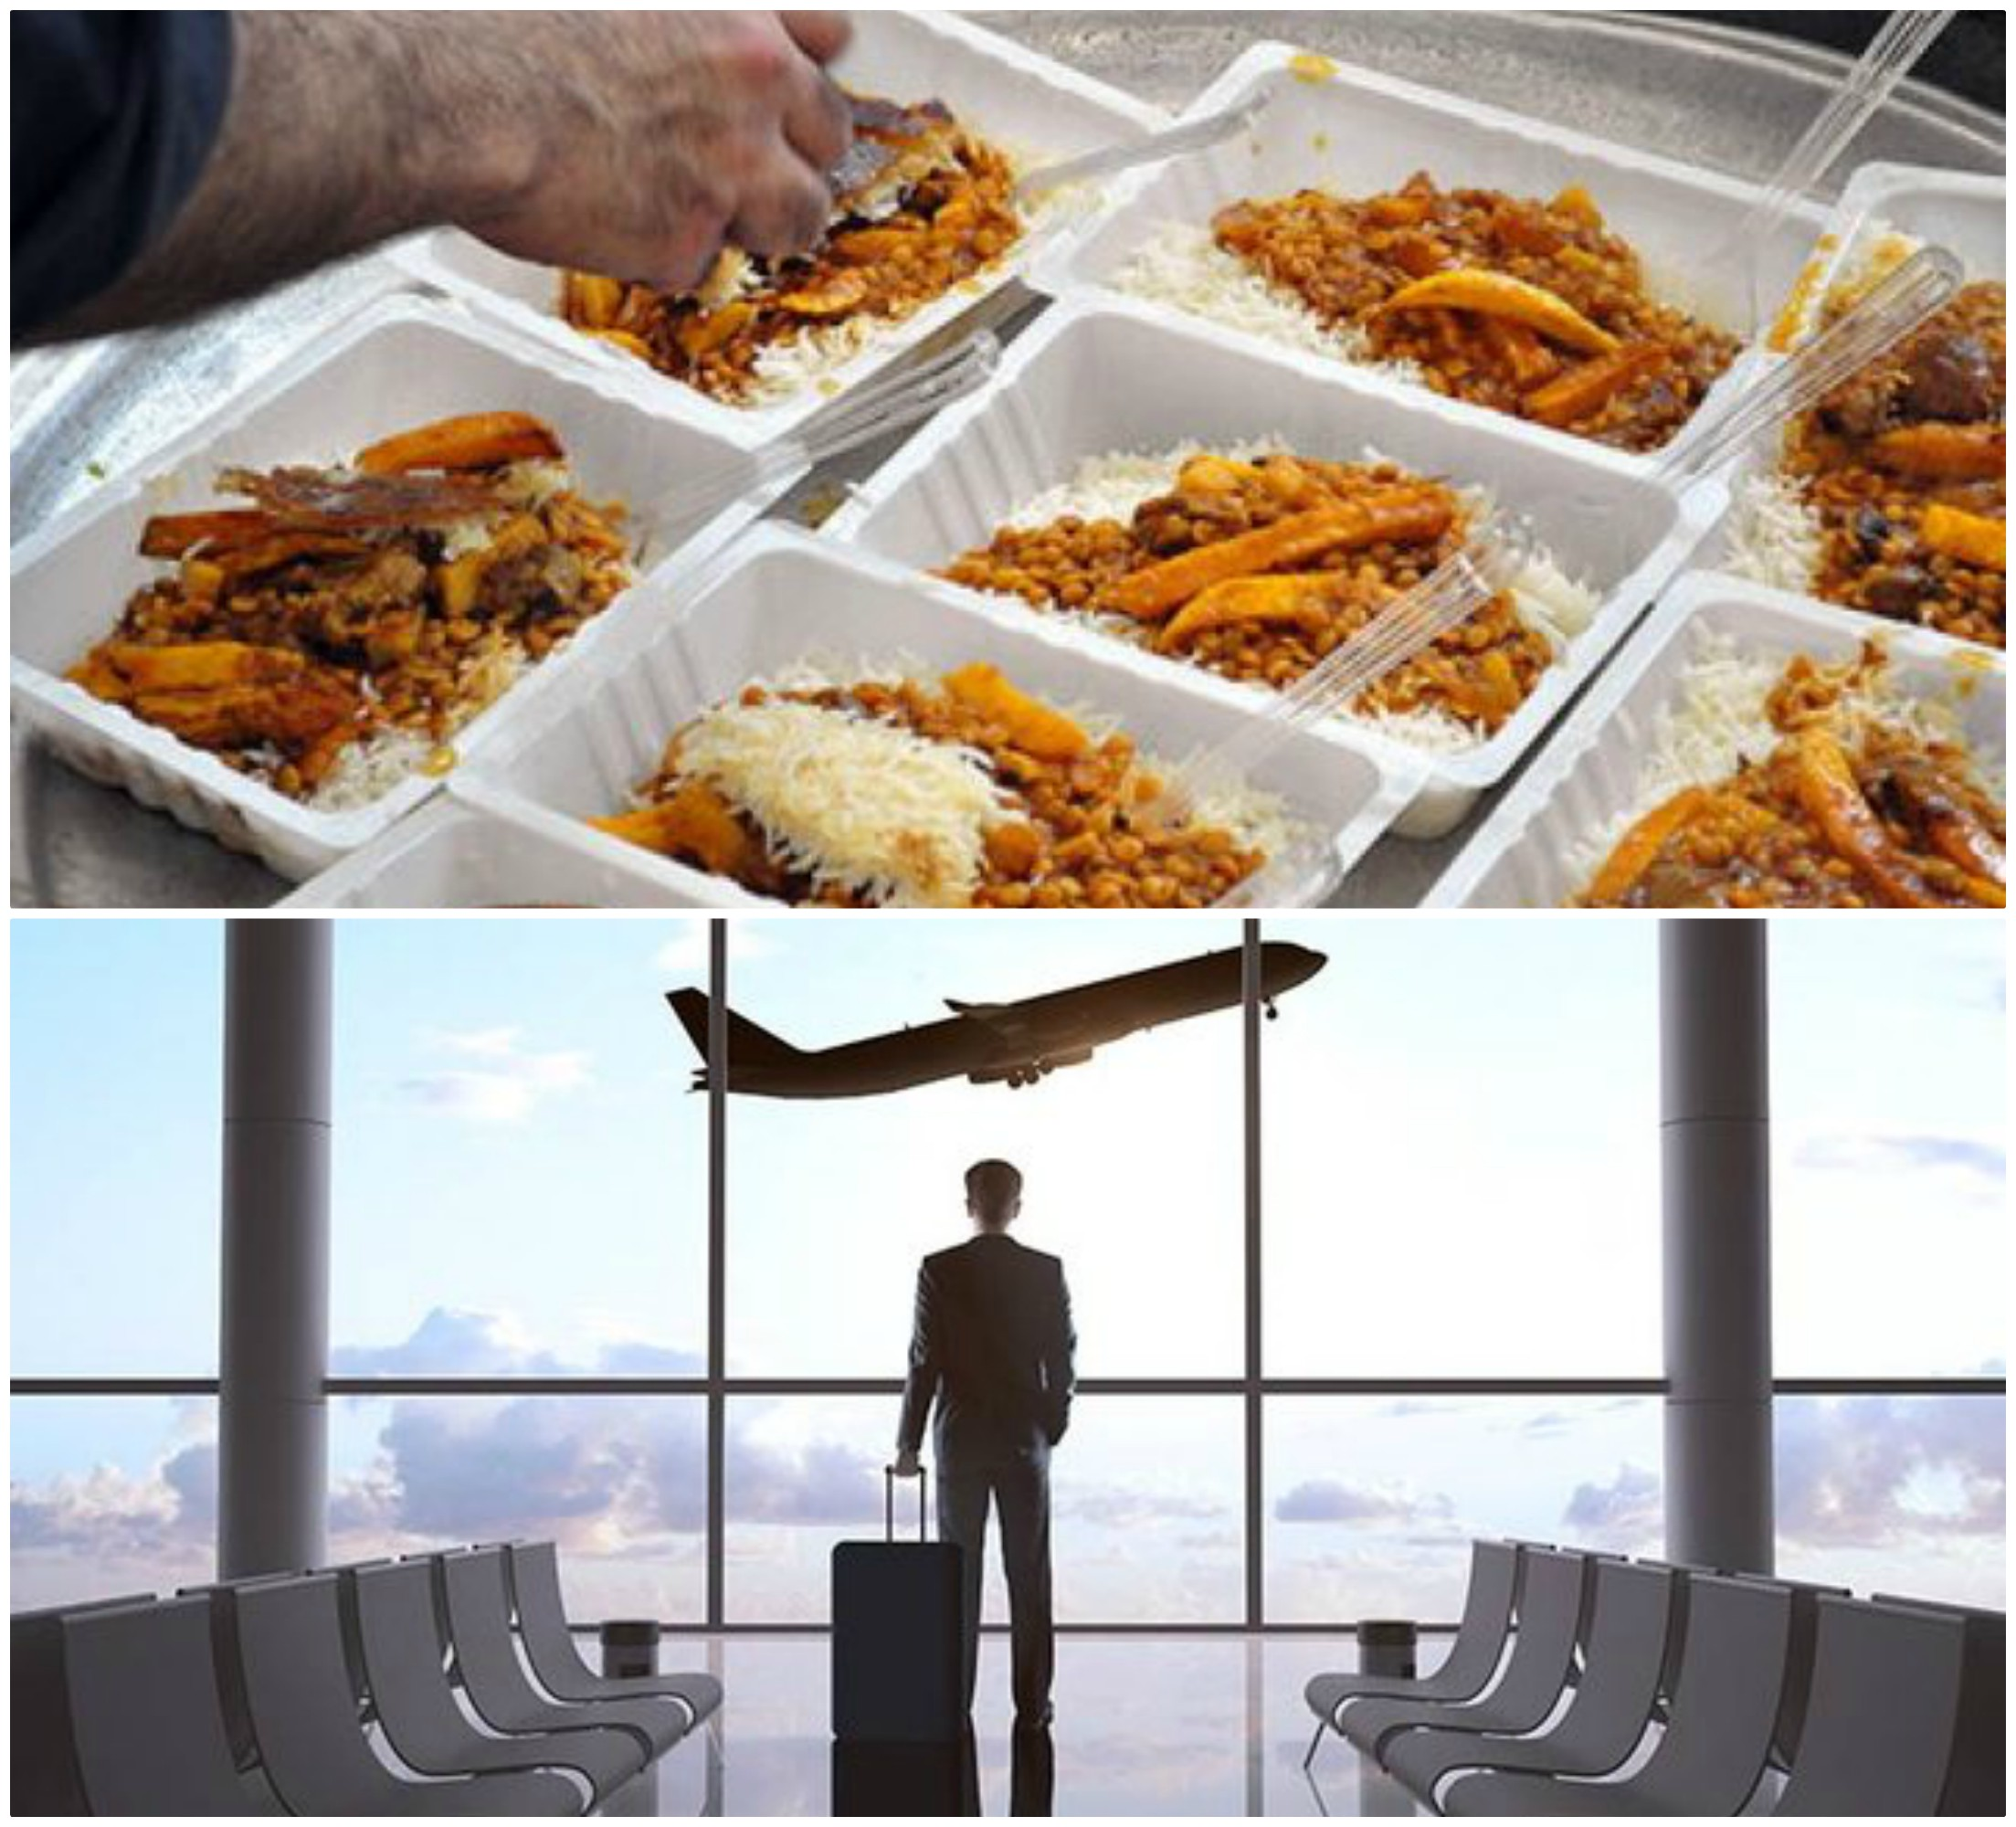 به ما چه چرا سفر خارجی میرود و چرا غذای نذری میدهد!